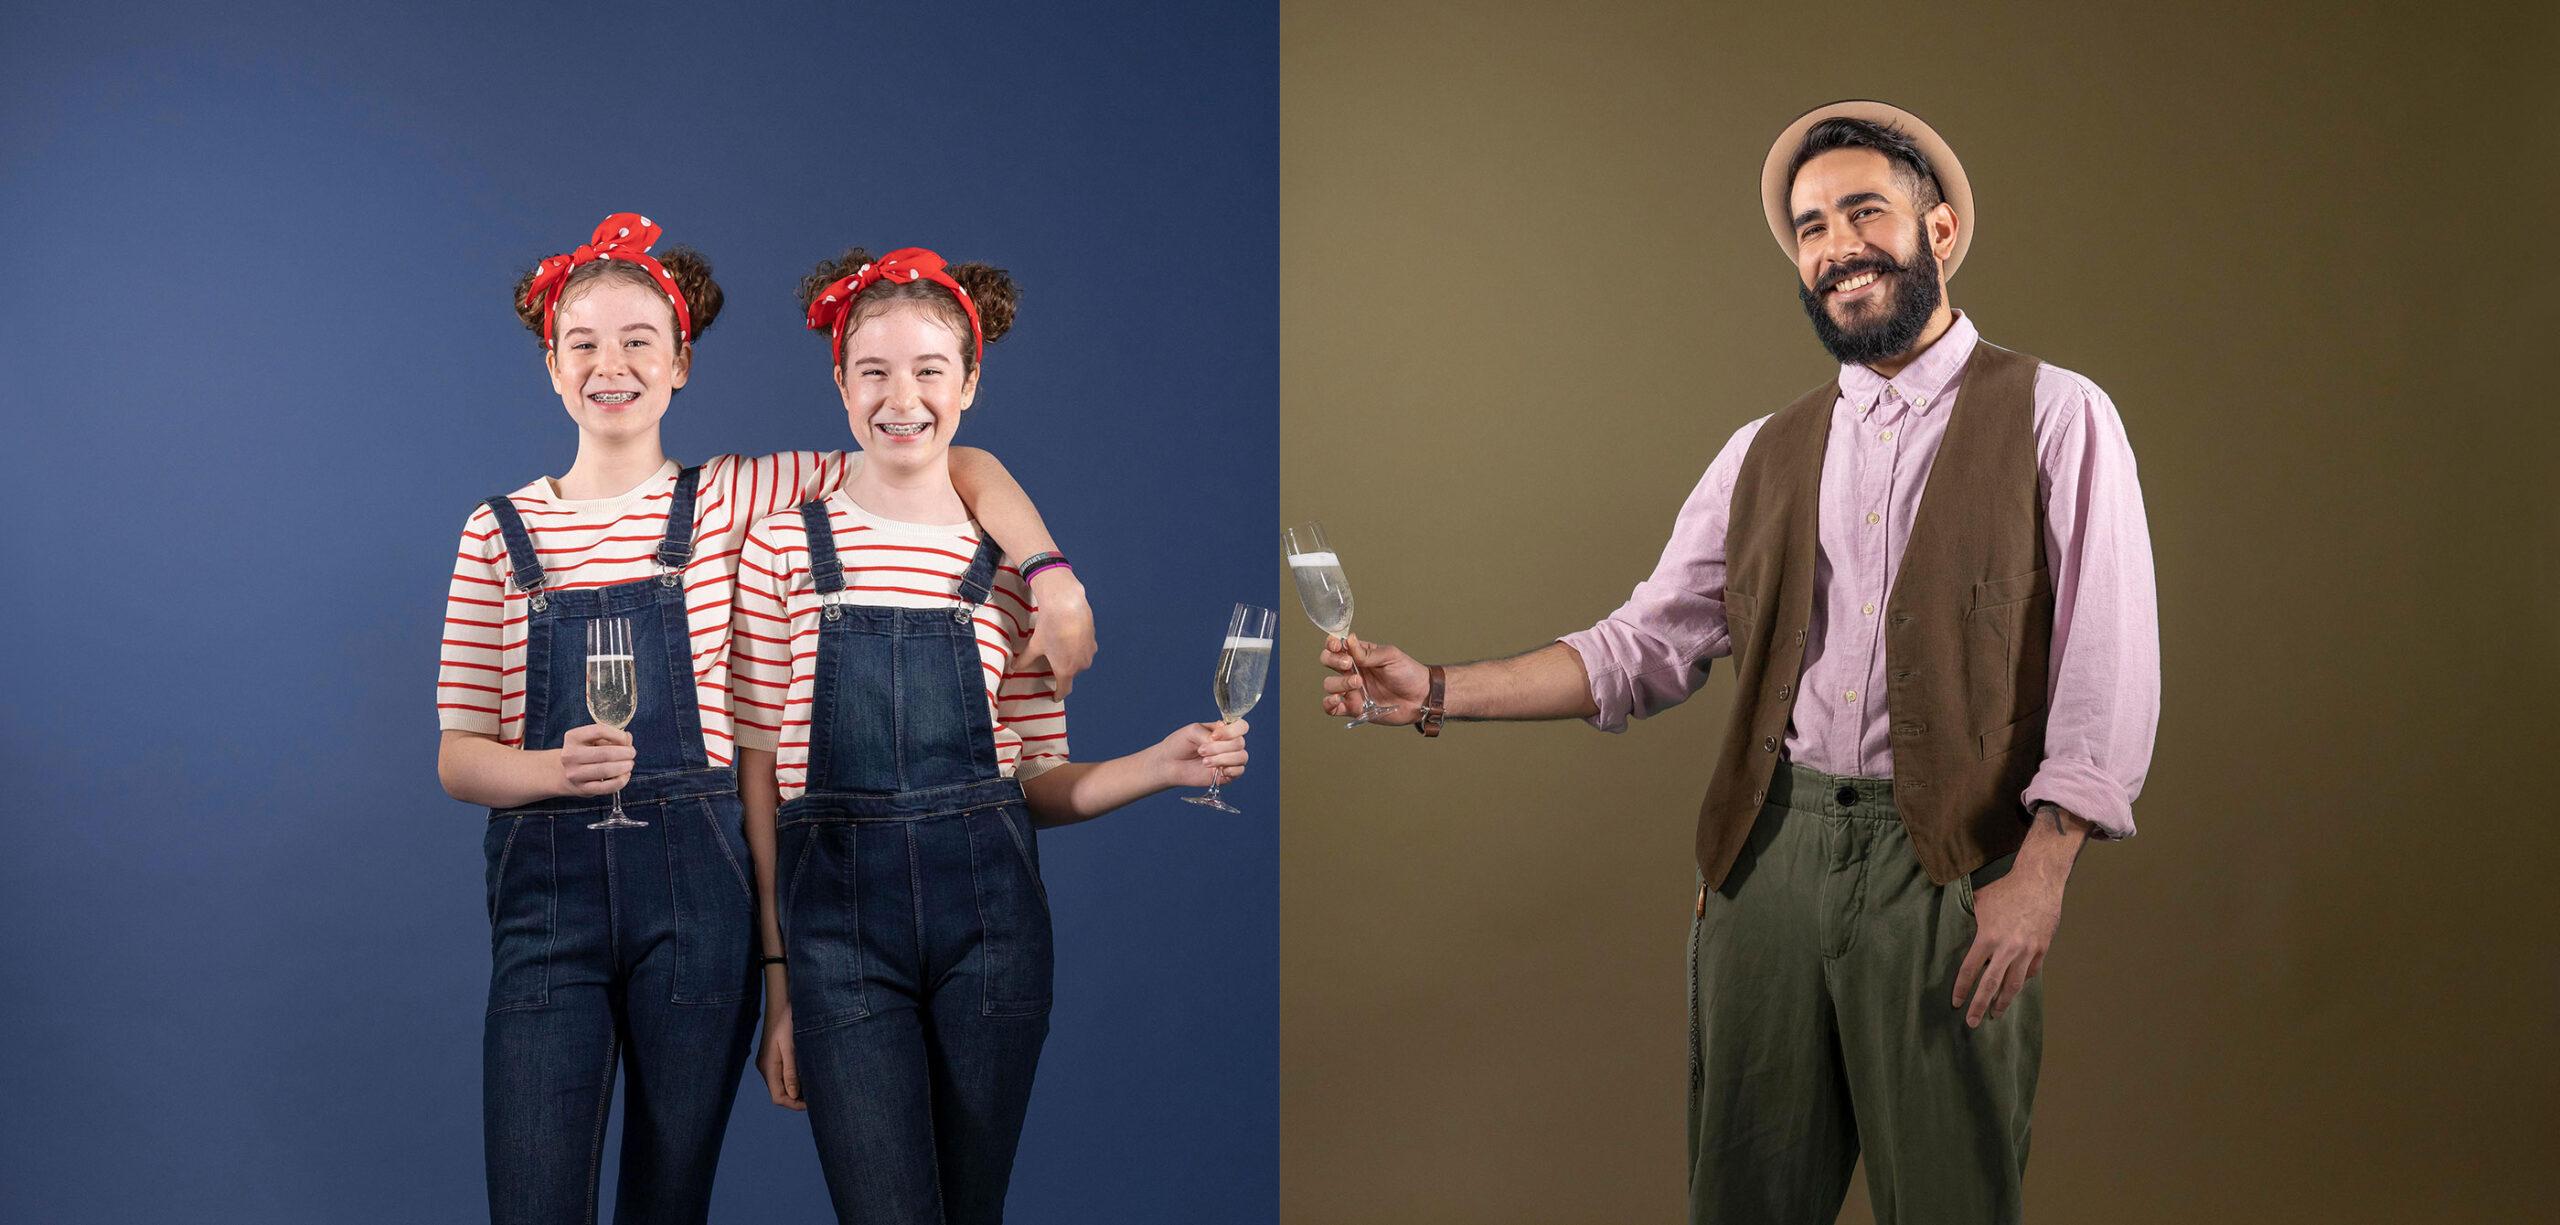 zwei Zwillings-Mädchen und ein cooler Hipster stossen zusammen mit Rimuss an beim Frühlings Apero.